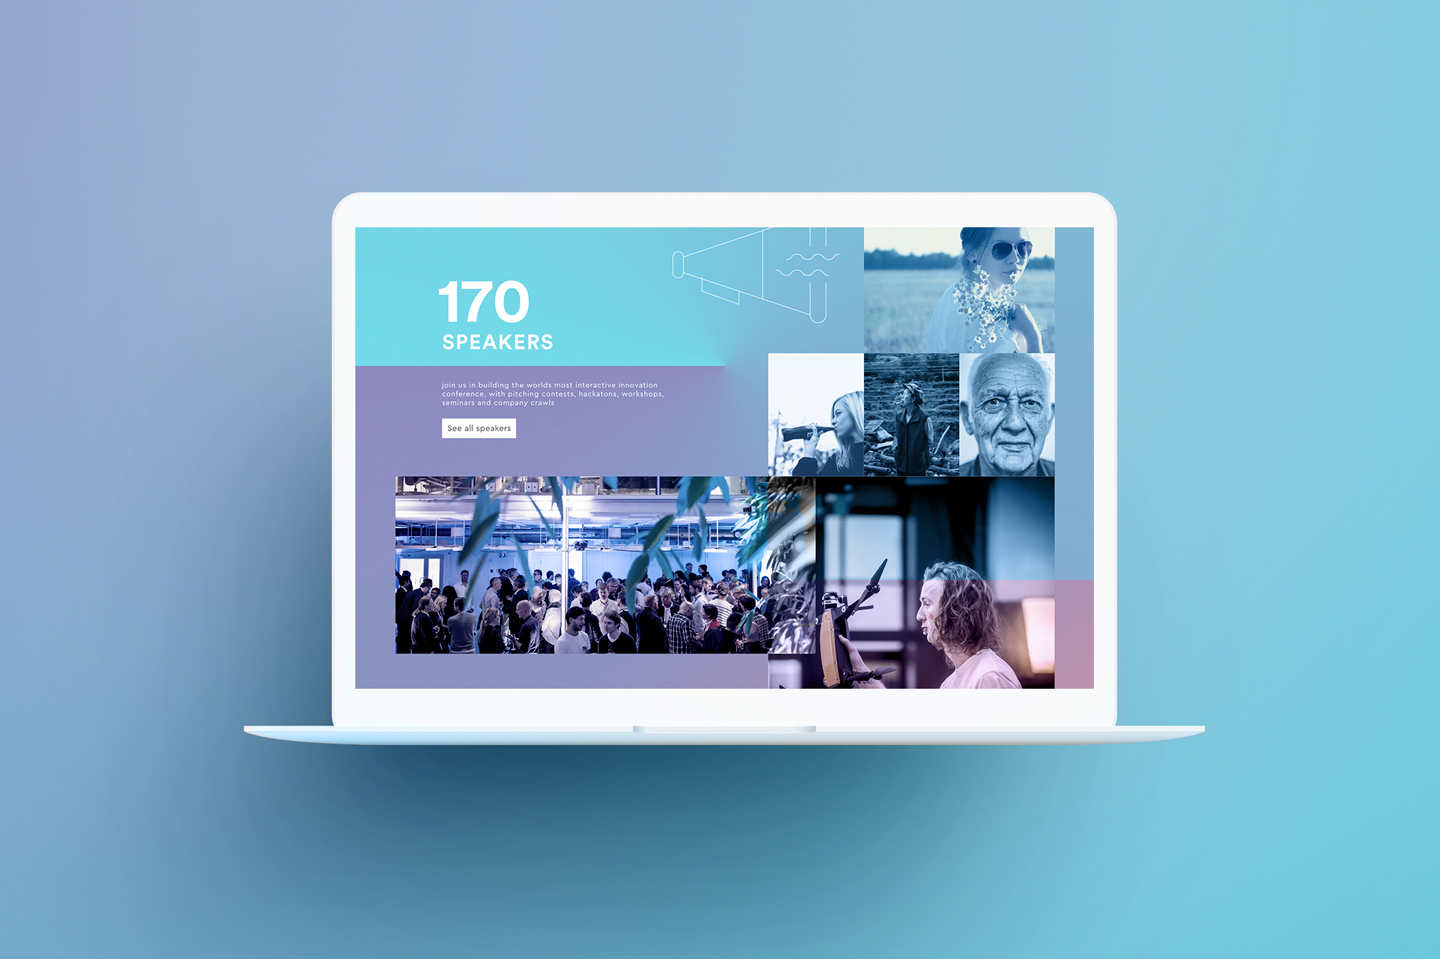 Oslo Innovation Week website, speakers.